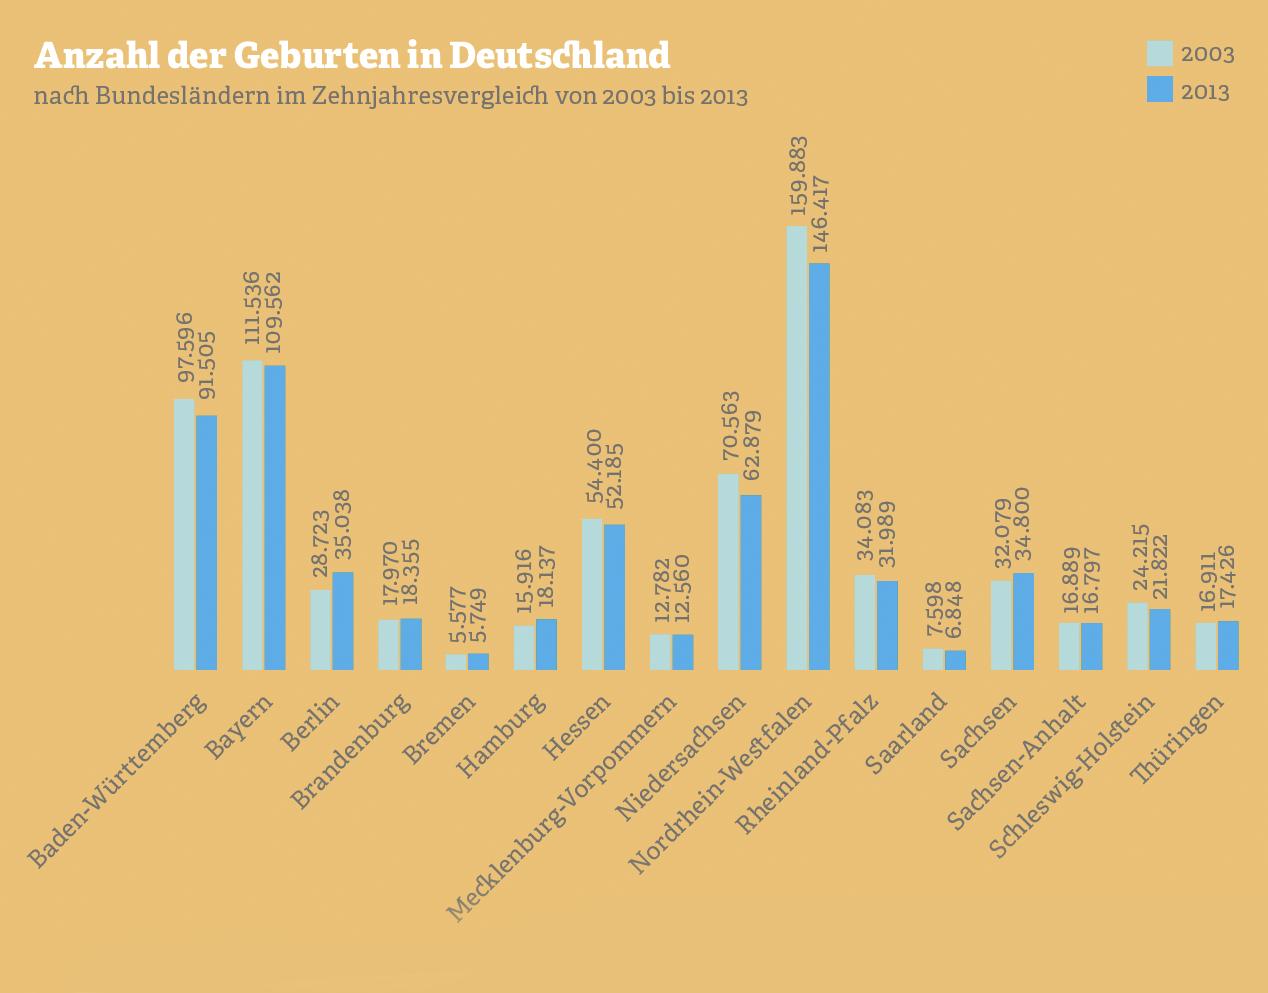 Grafik zur Anzahl der Geburten in Deutschland. Quelle: Statistisches Bundesamt, 2015